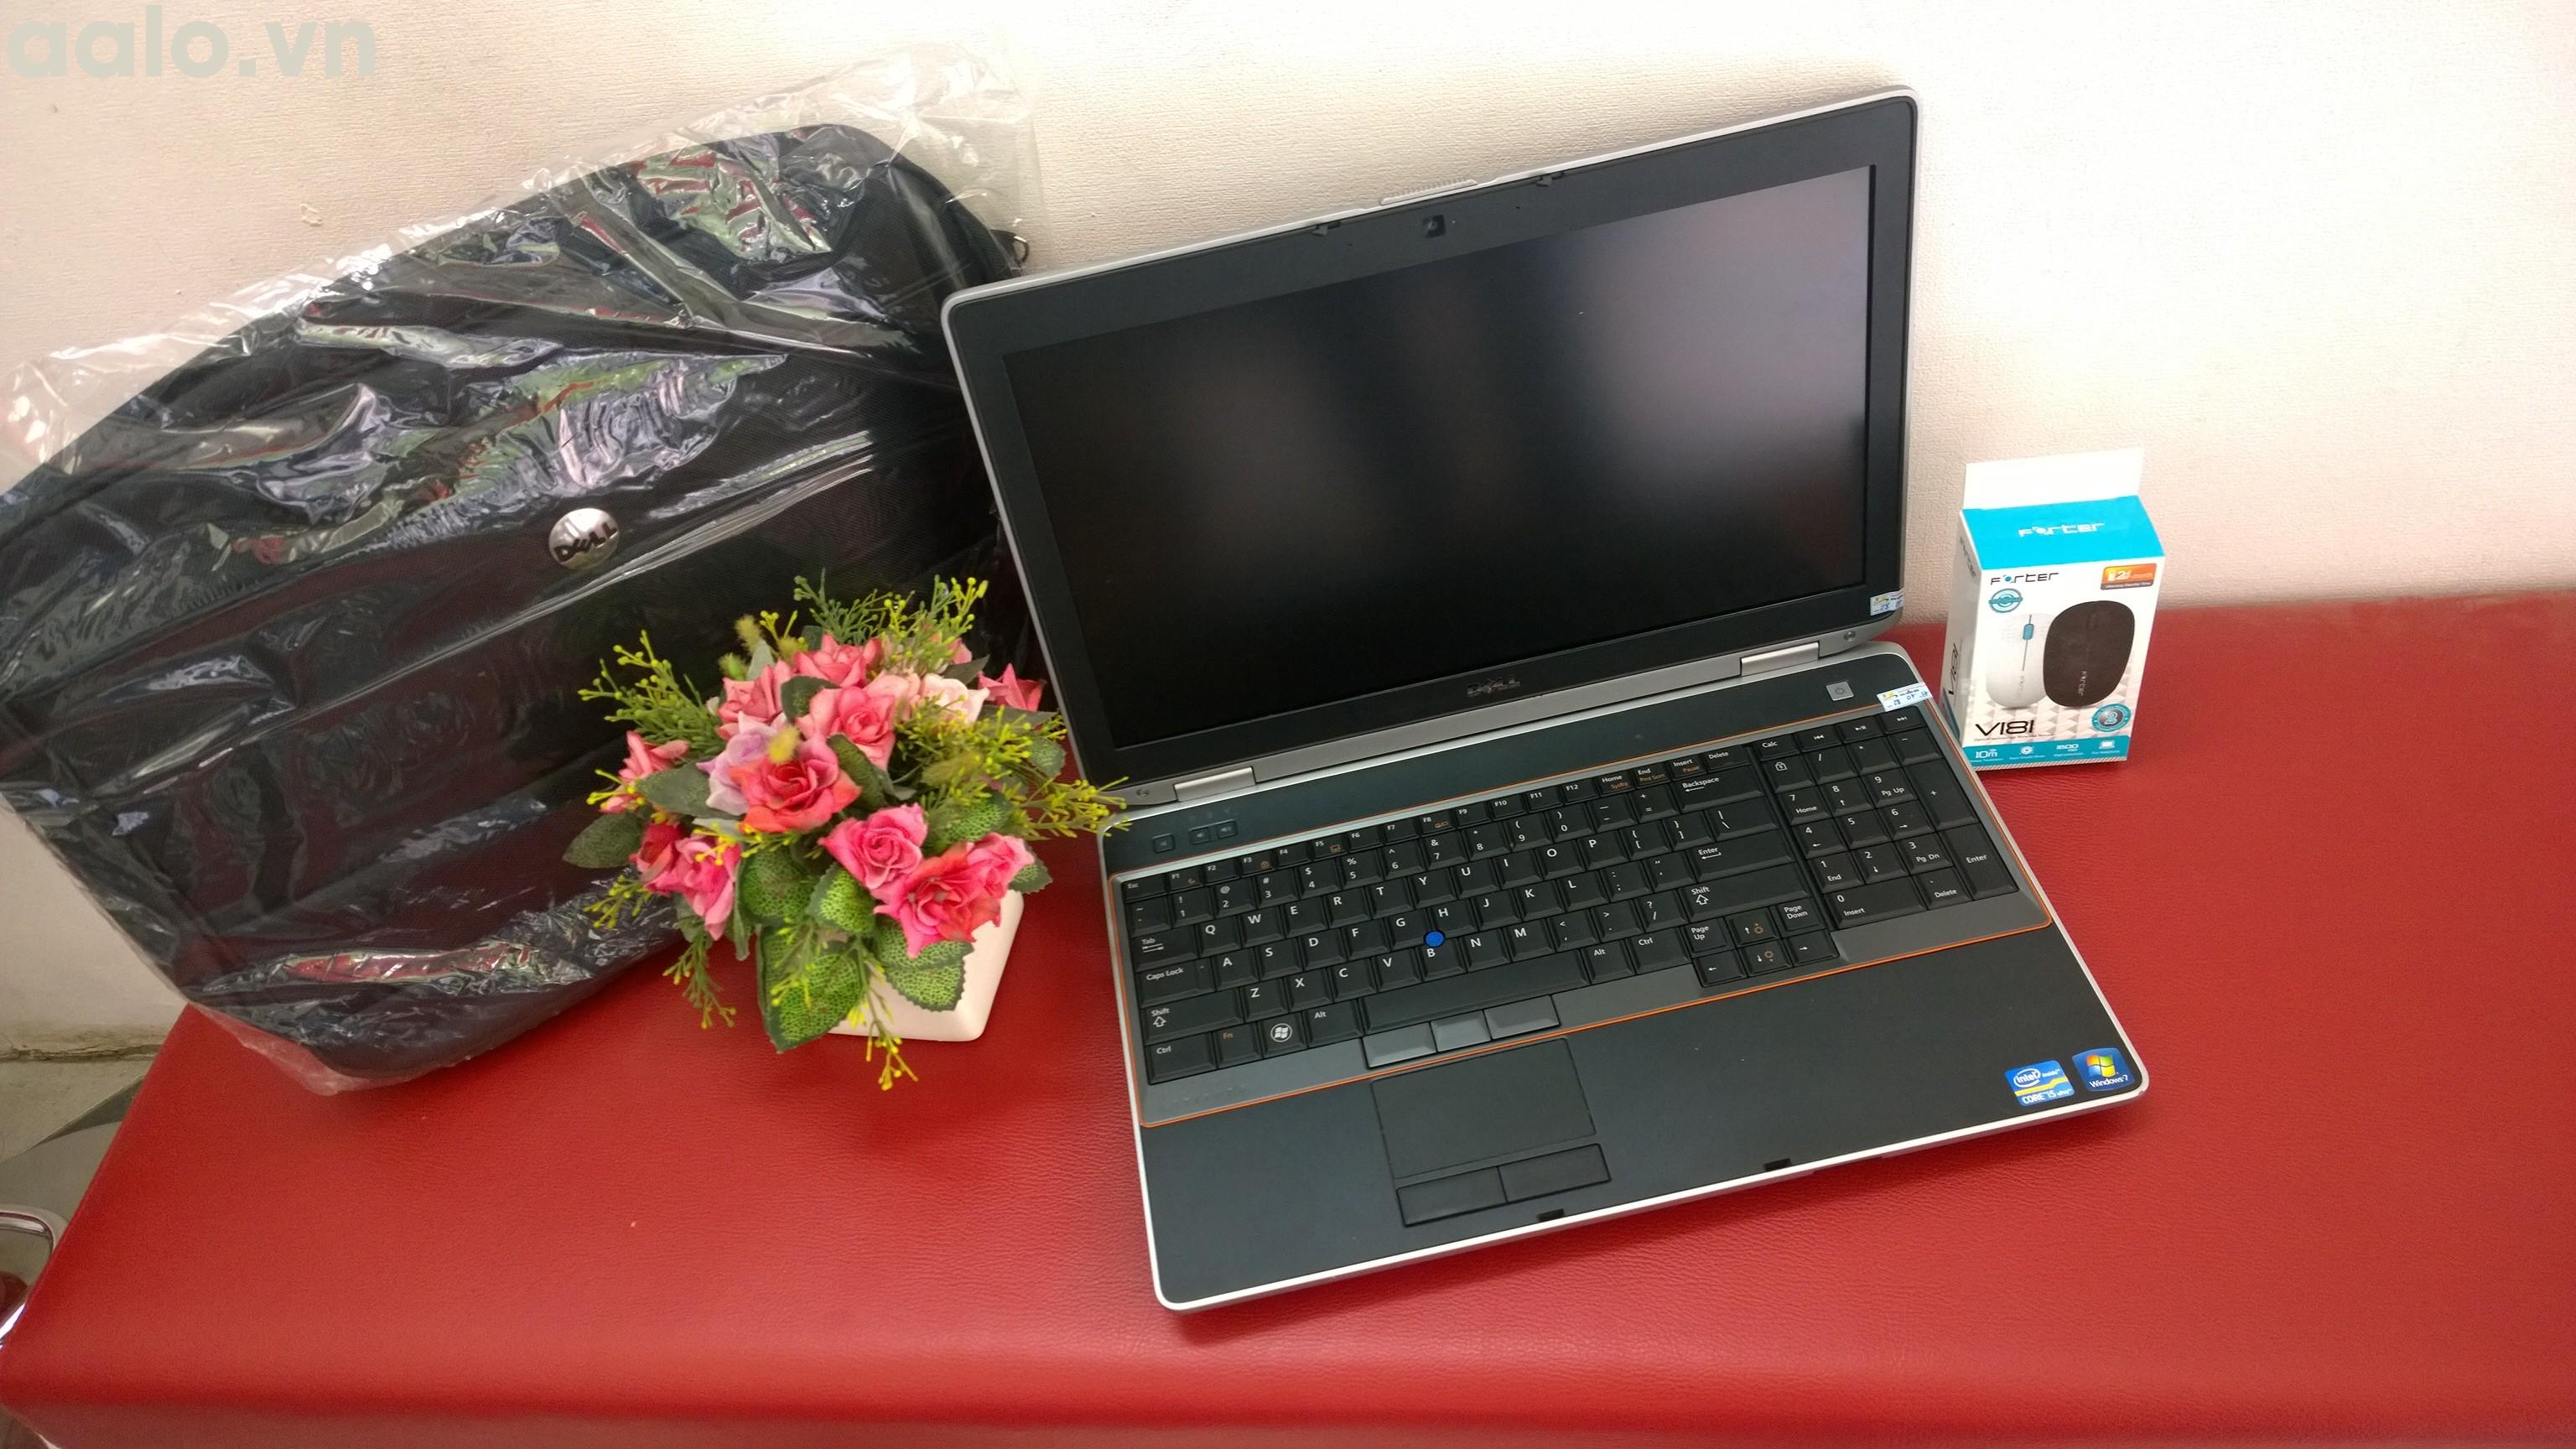 Laptop cũ Dell Latitude E6520 (Core i5 2520M, 4GB, 250GB, VGA Intel HD Graphics 3000, 15.6 inch) - bảo hành 1 năm